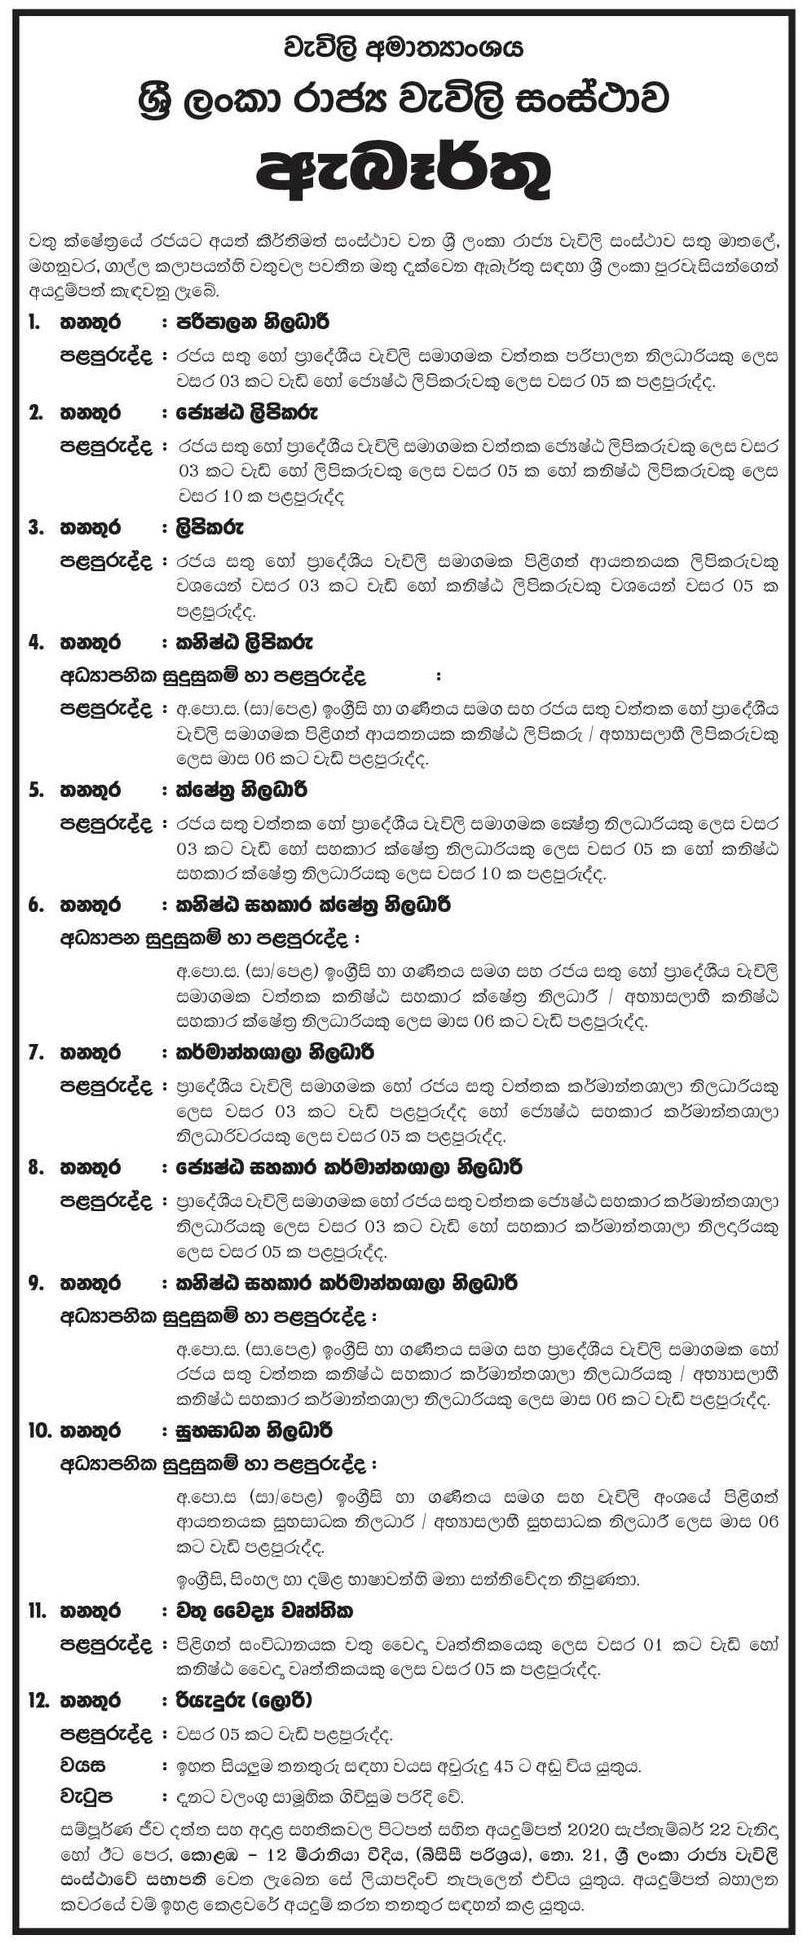 Administrative Officer, Clerk, Field Officer, Factory Officer, Welfare Officer, Estate Medical Practitioner, Driver - Sri Lanka State Plantation Corporation